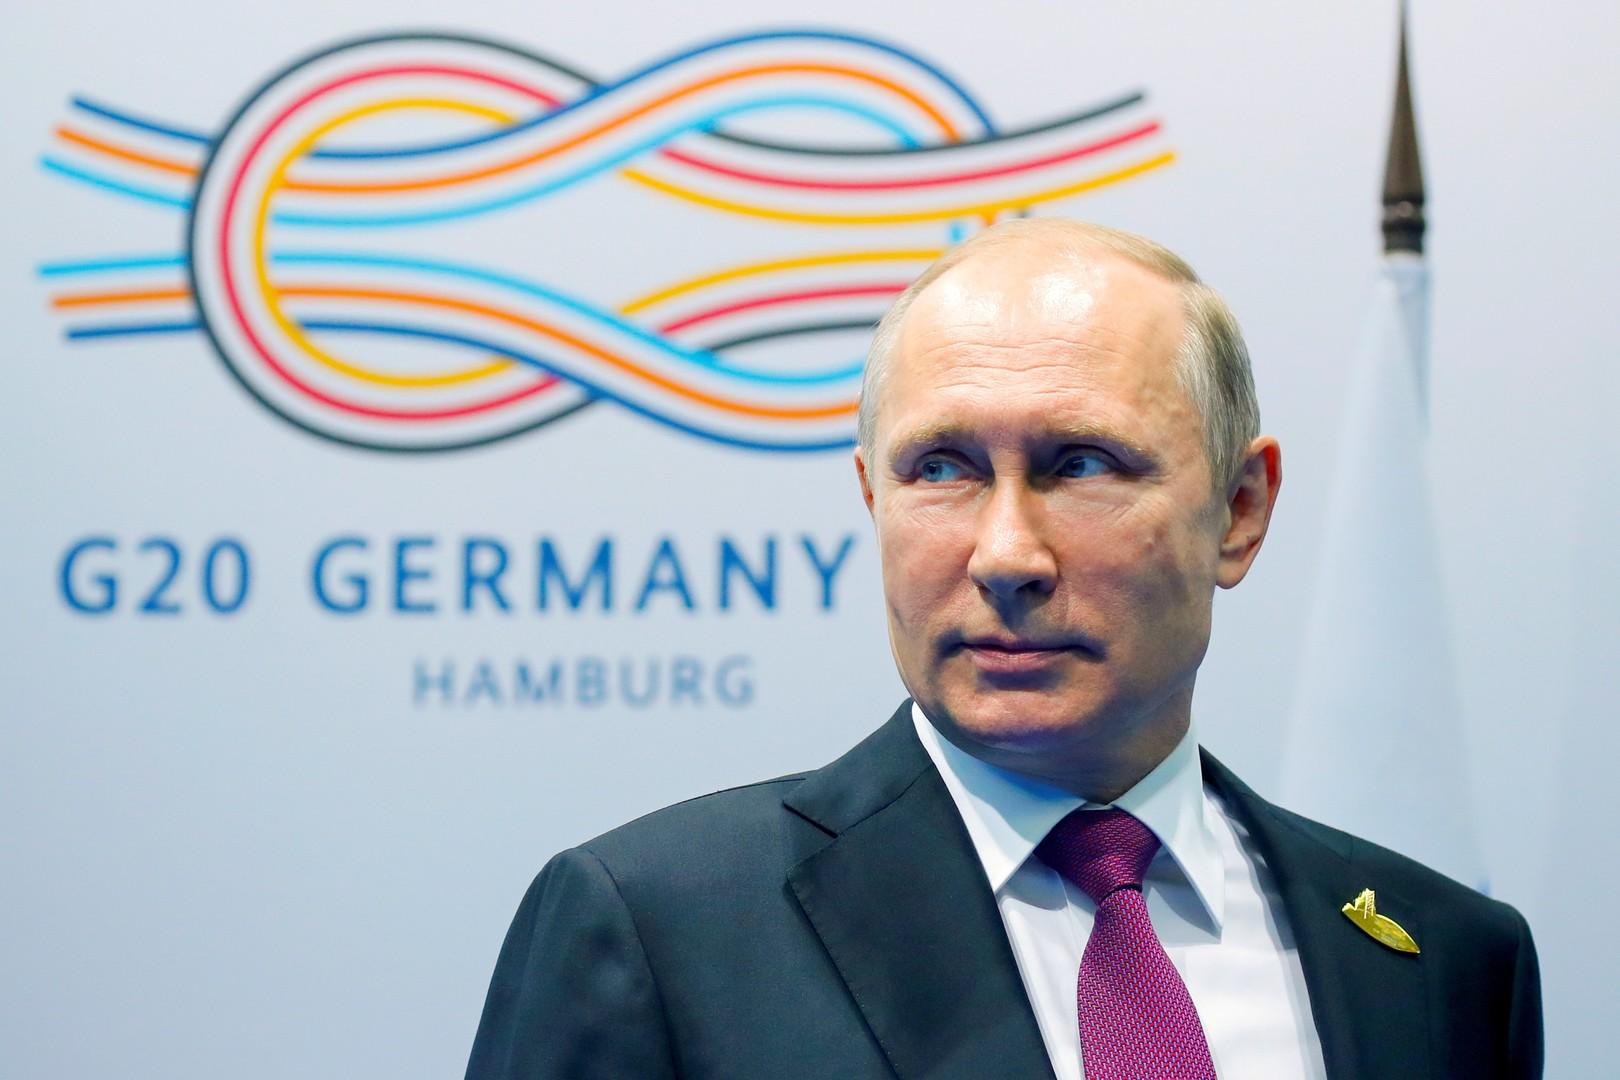 """أرشيف - الرئيس الروسي فلاديمير بوتين خلال قمة """"العشرين"""" في ألمانيا"""